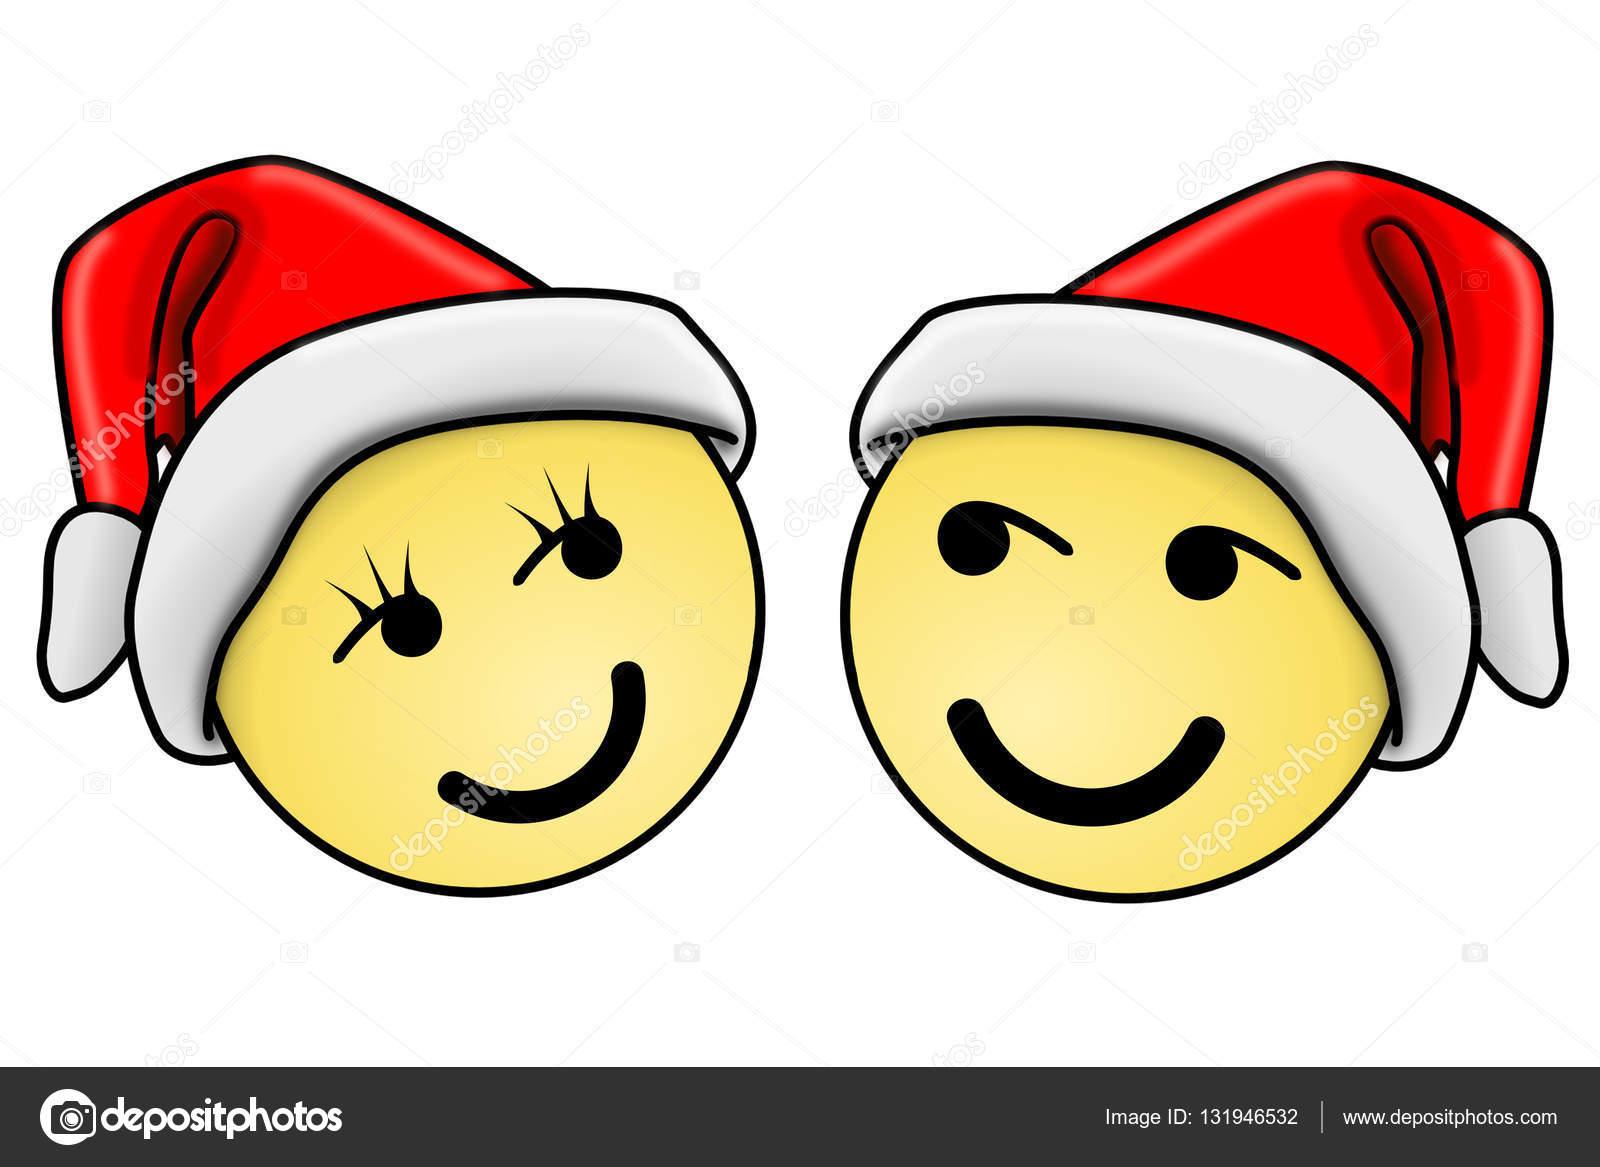 Weihnachten-Smiley-Gesicht — Stockfoto © hd-design #131946532